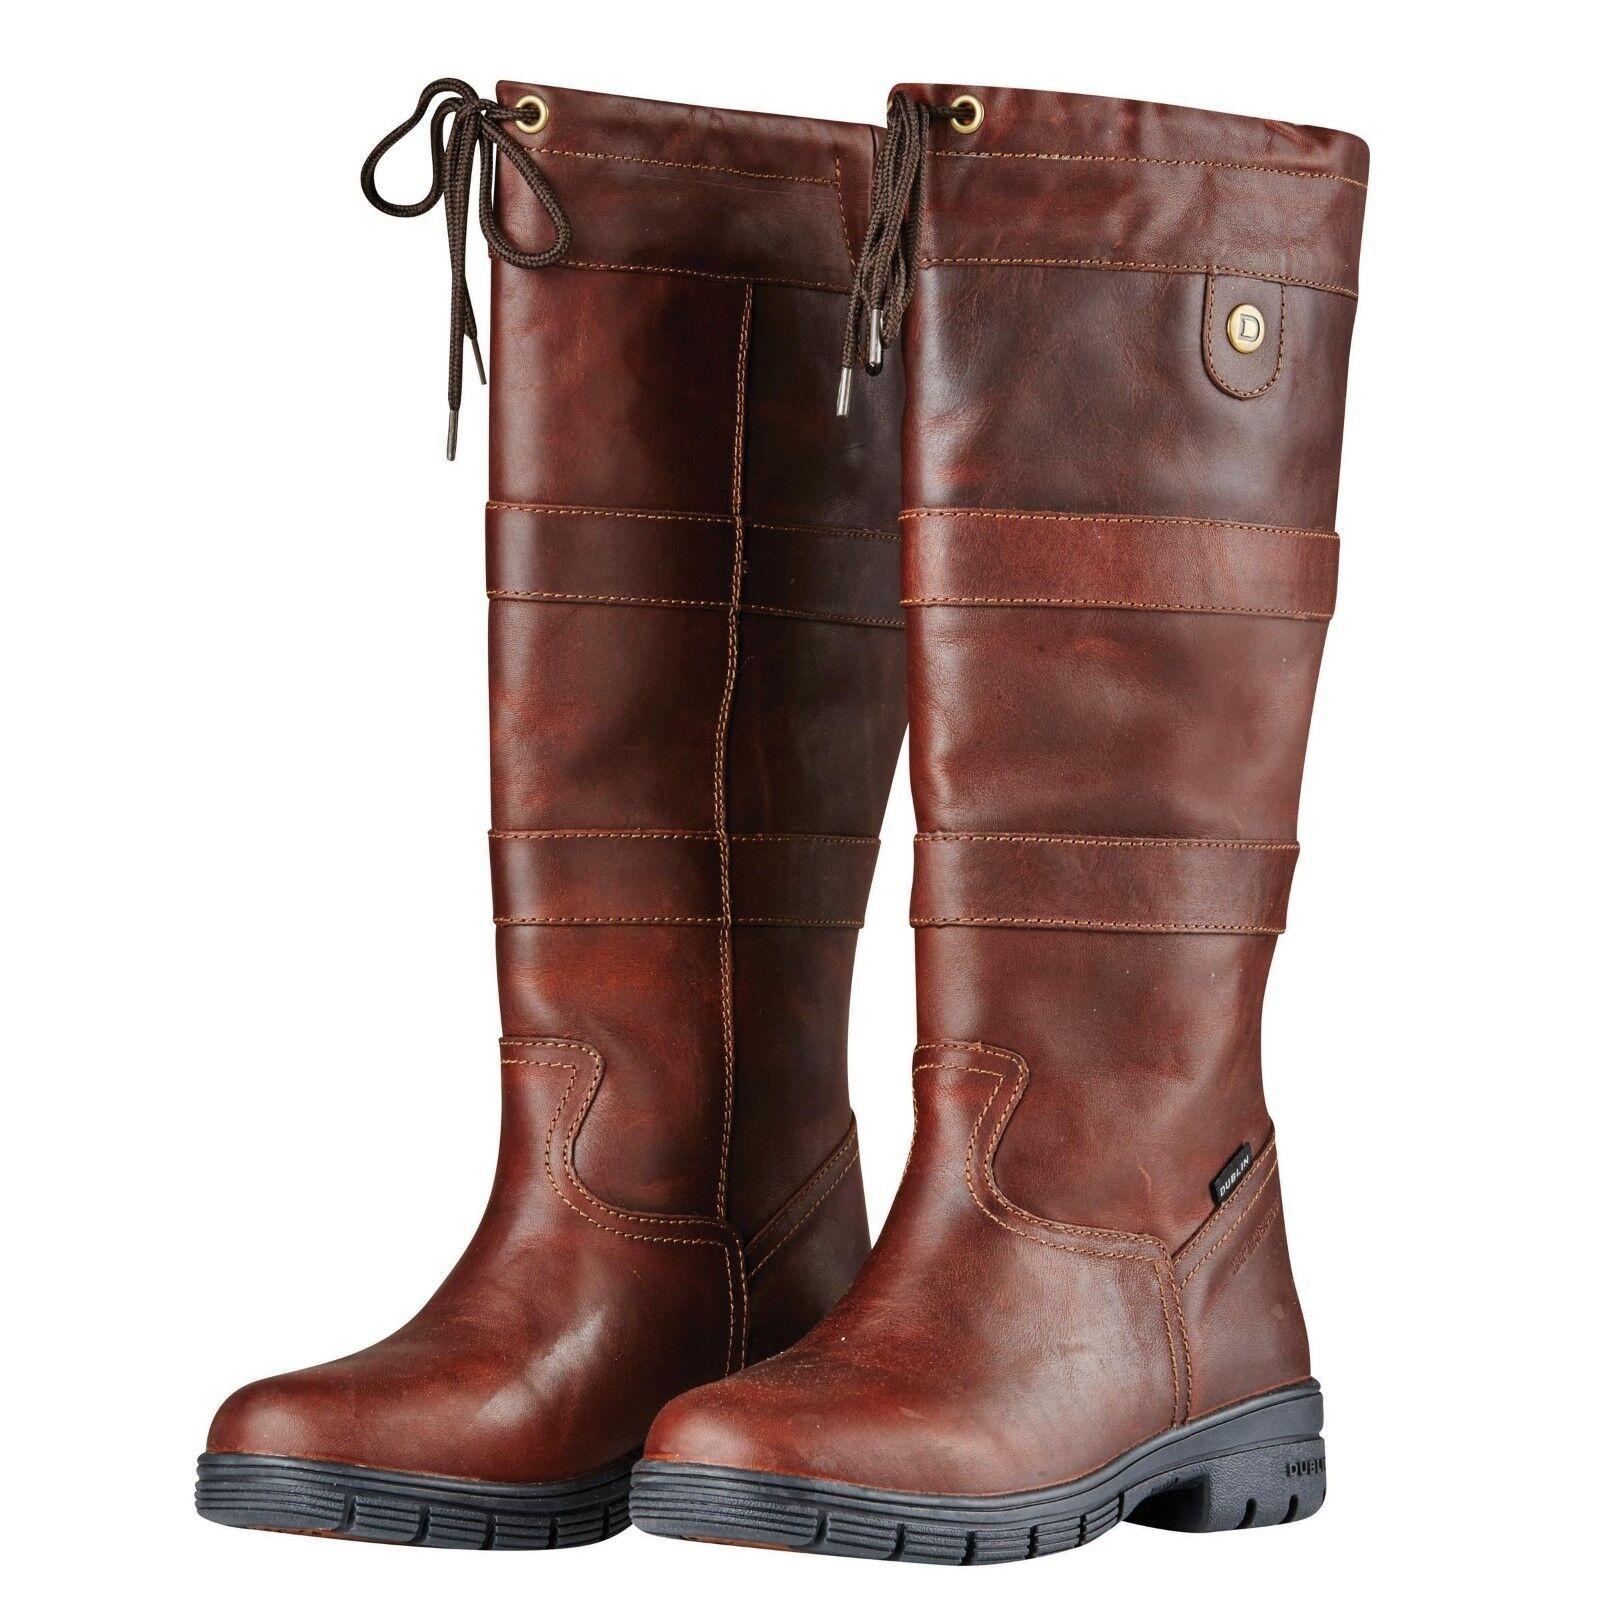 Dublin River stivali Waterproof Full Grain Leather cavallo equitazione Country avvio nuovo